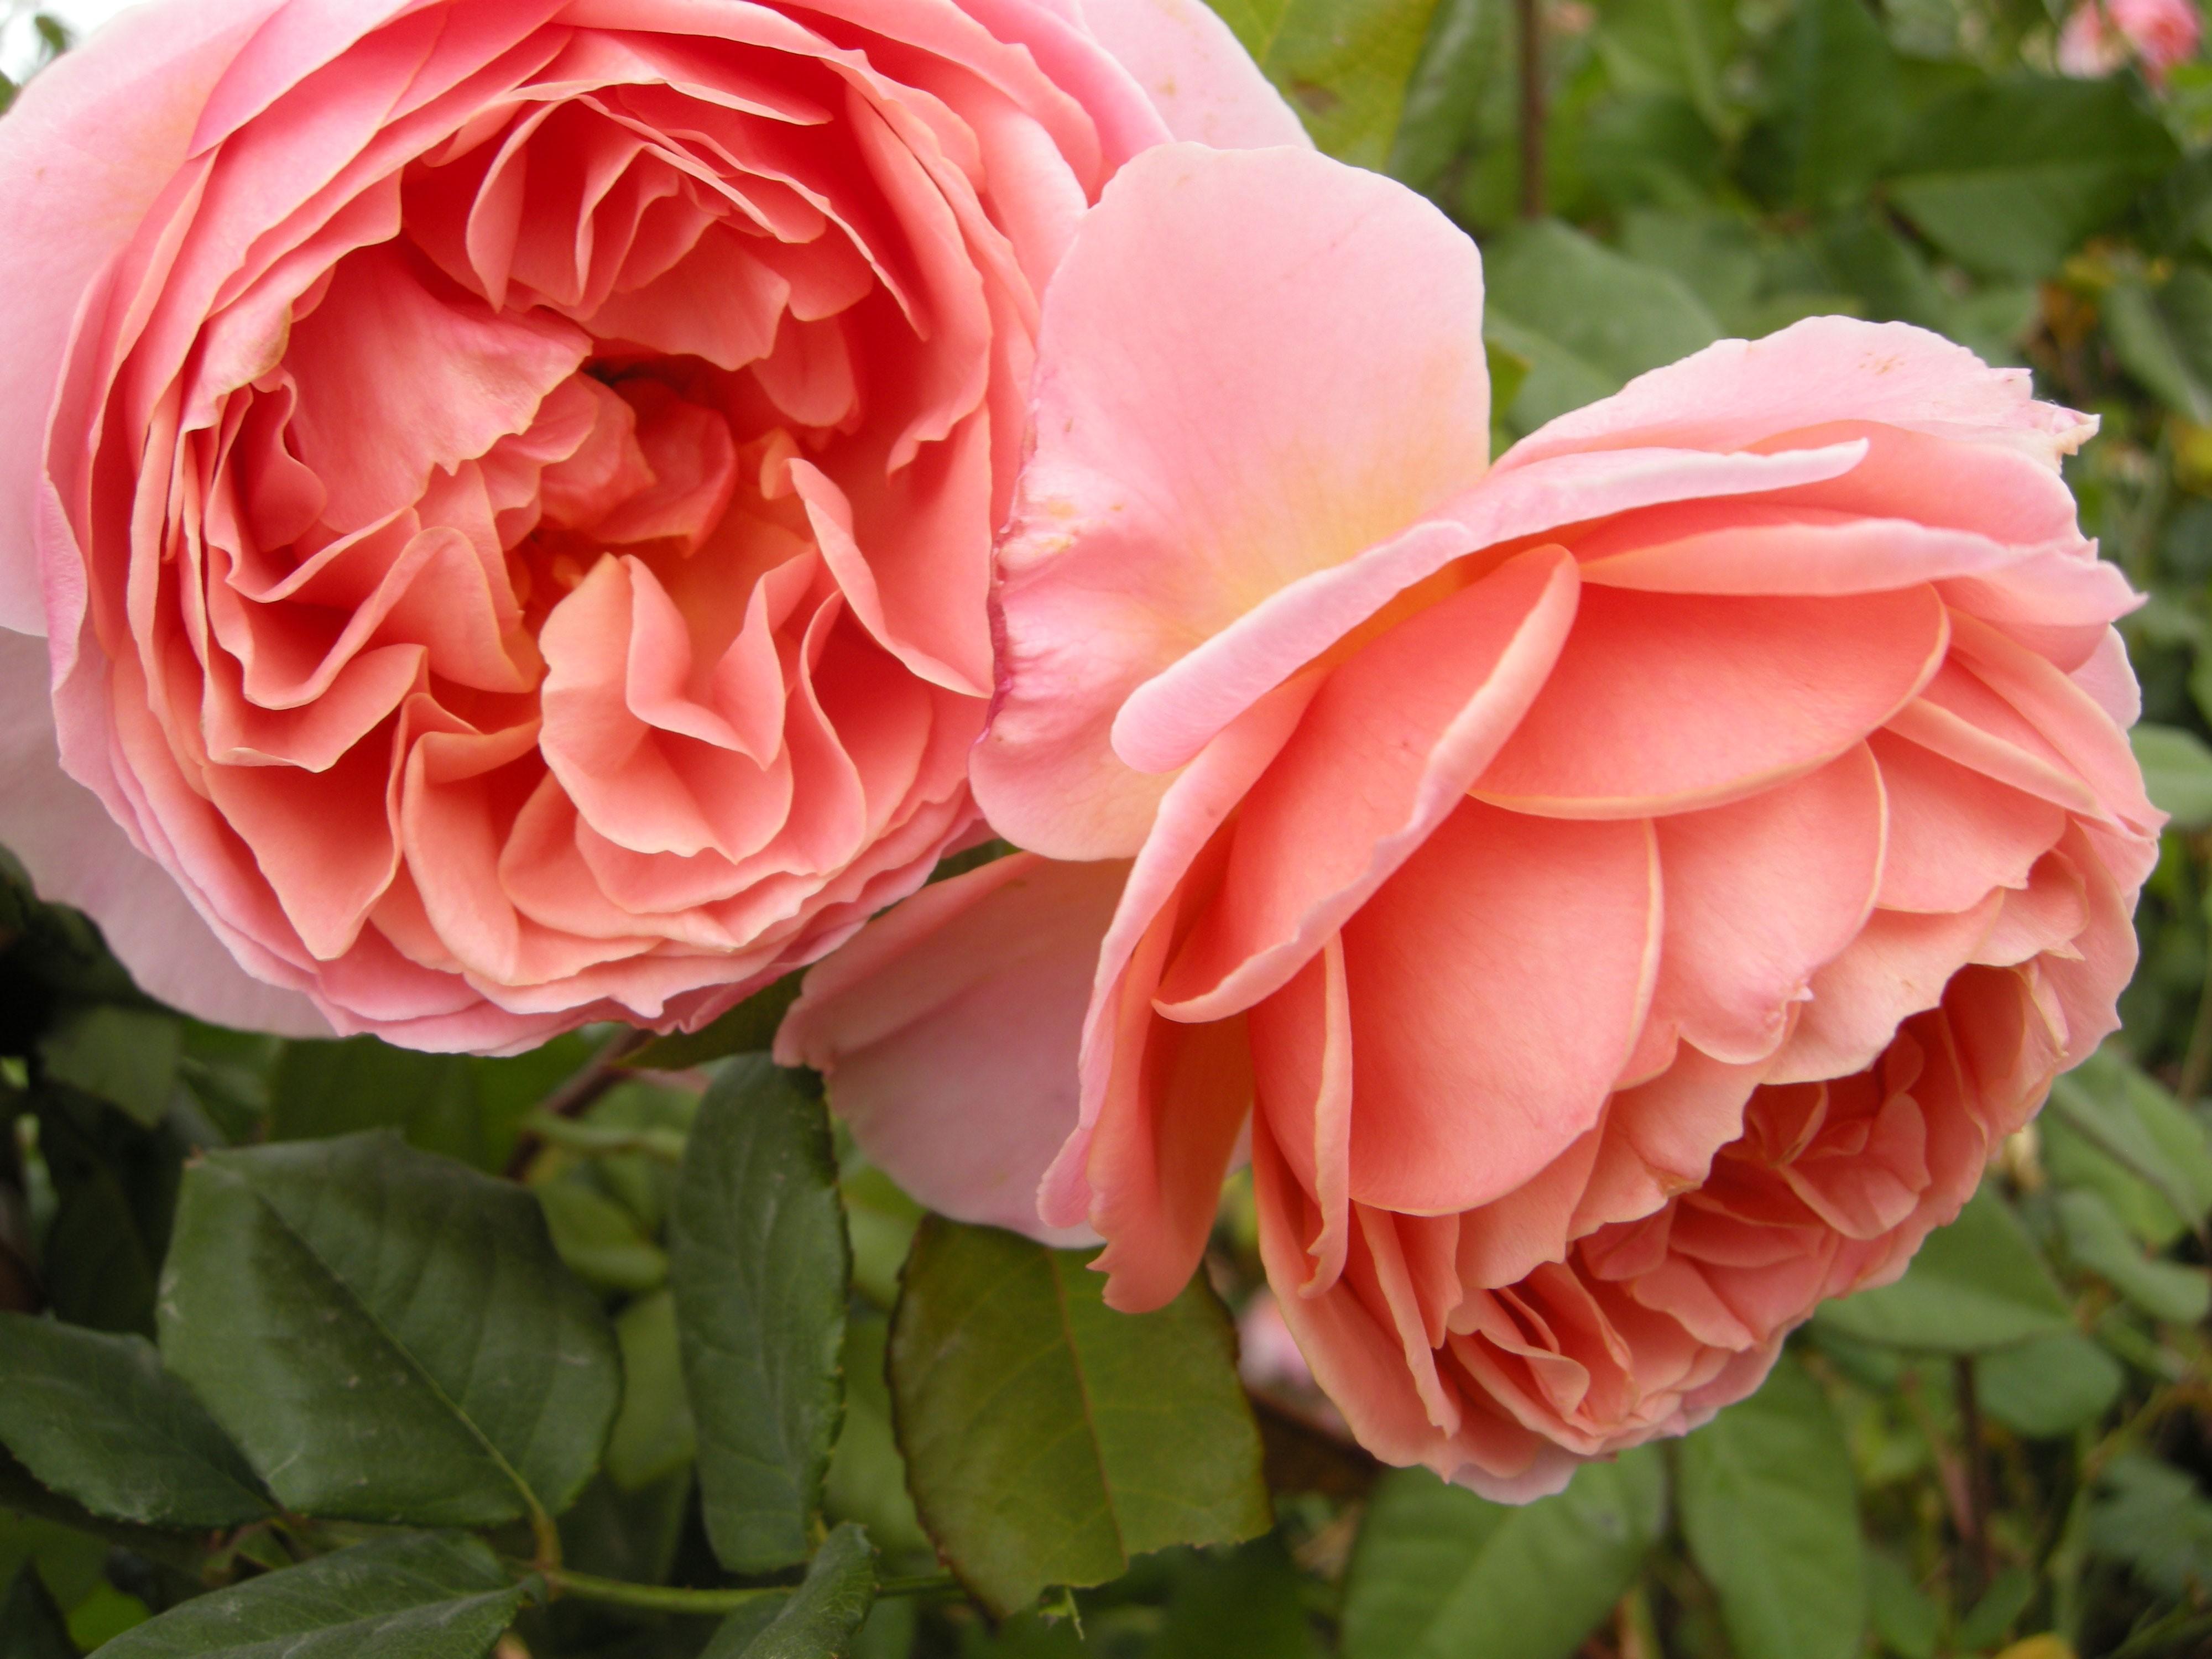 Phoenix Rose nude 724